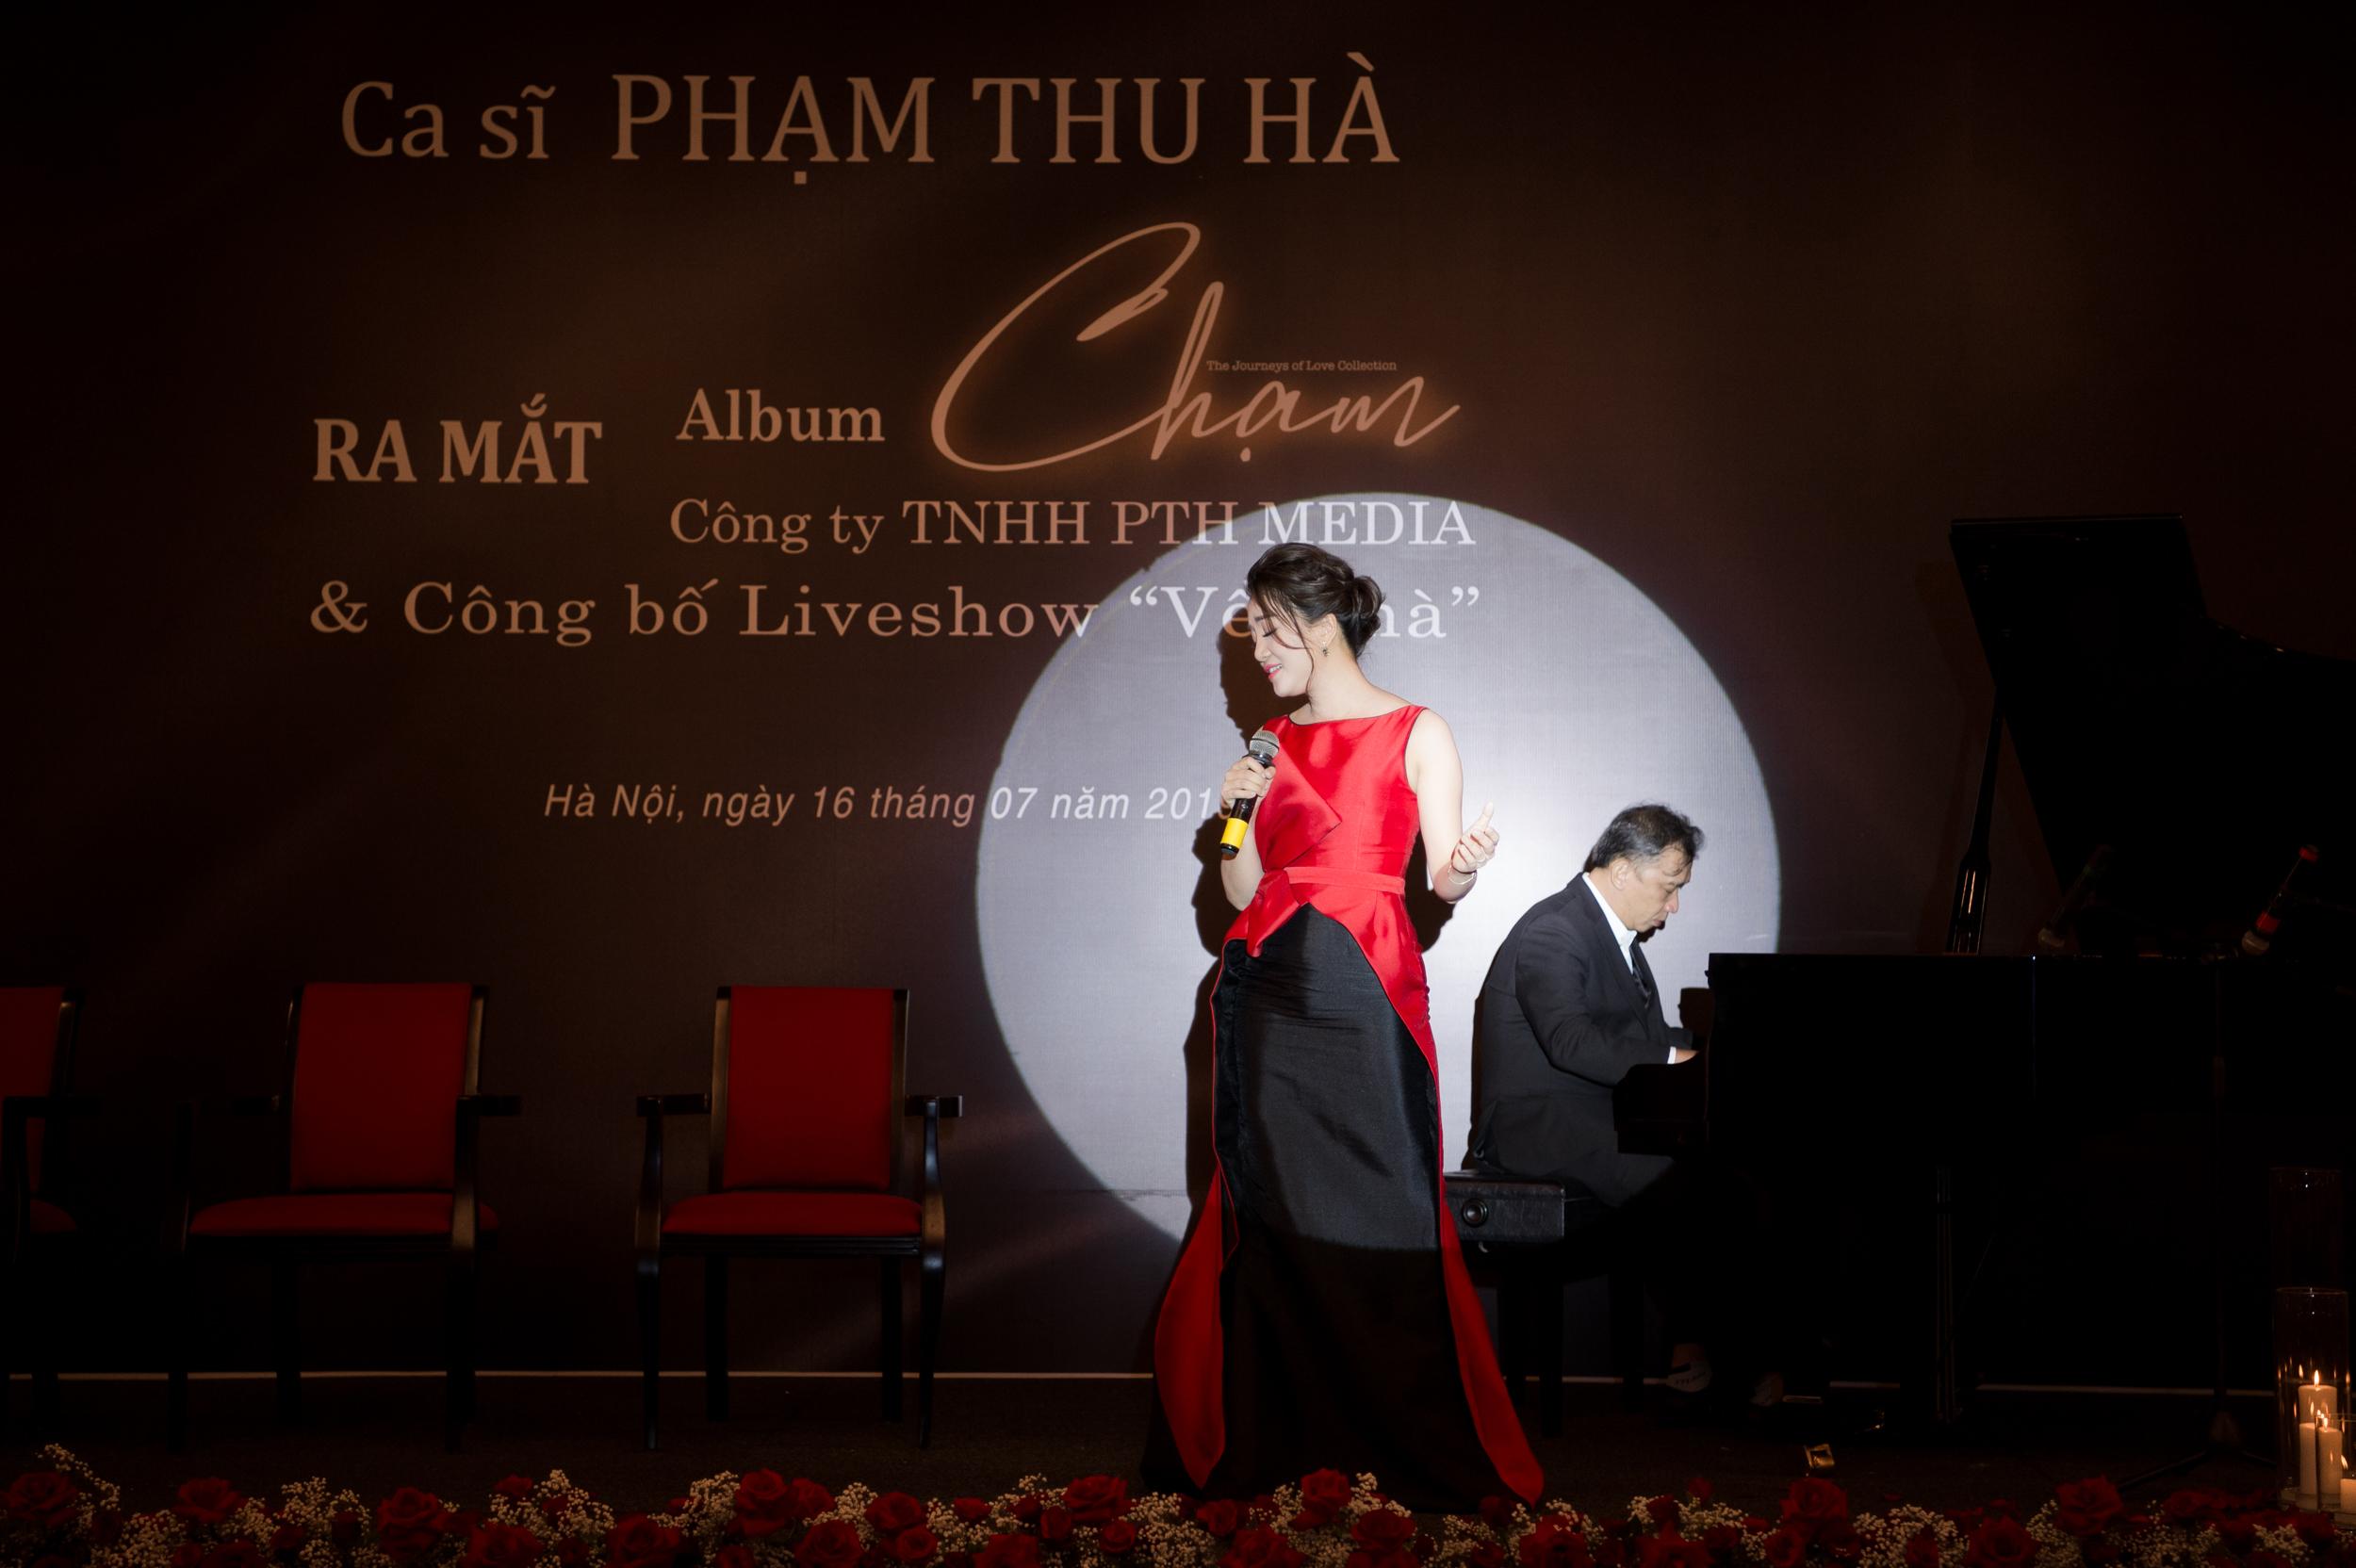 'Họa mi bán cổ điển' Phạm Thu Hà đánh dấu bước tiến mới trong sự nghiệp 2